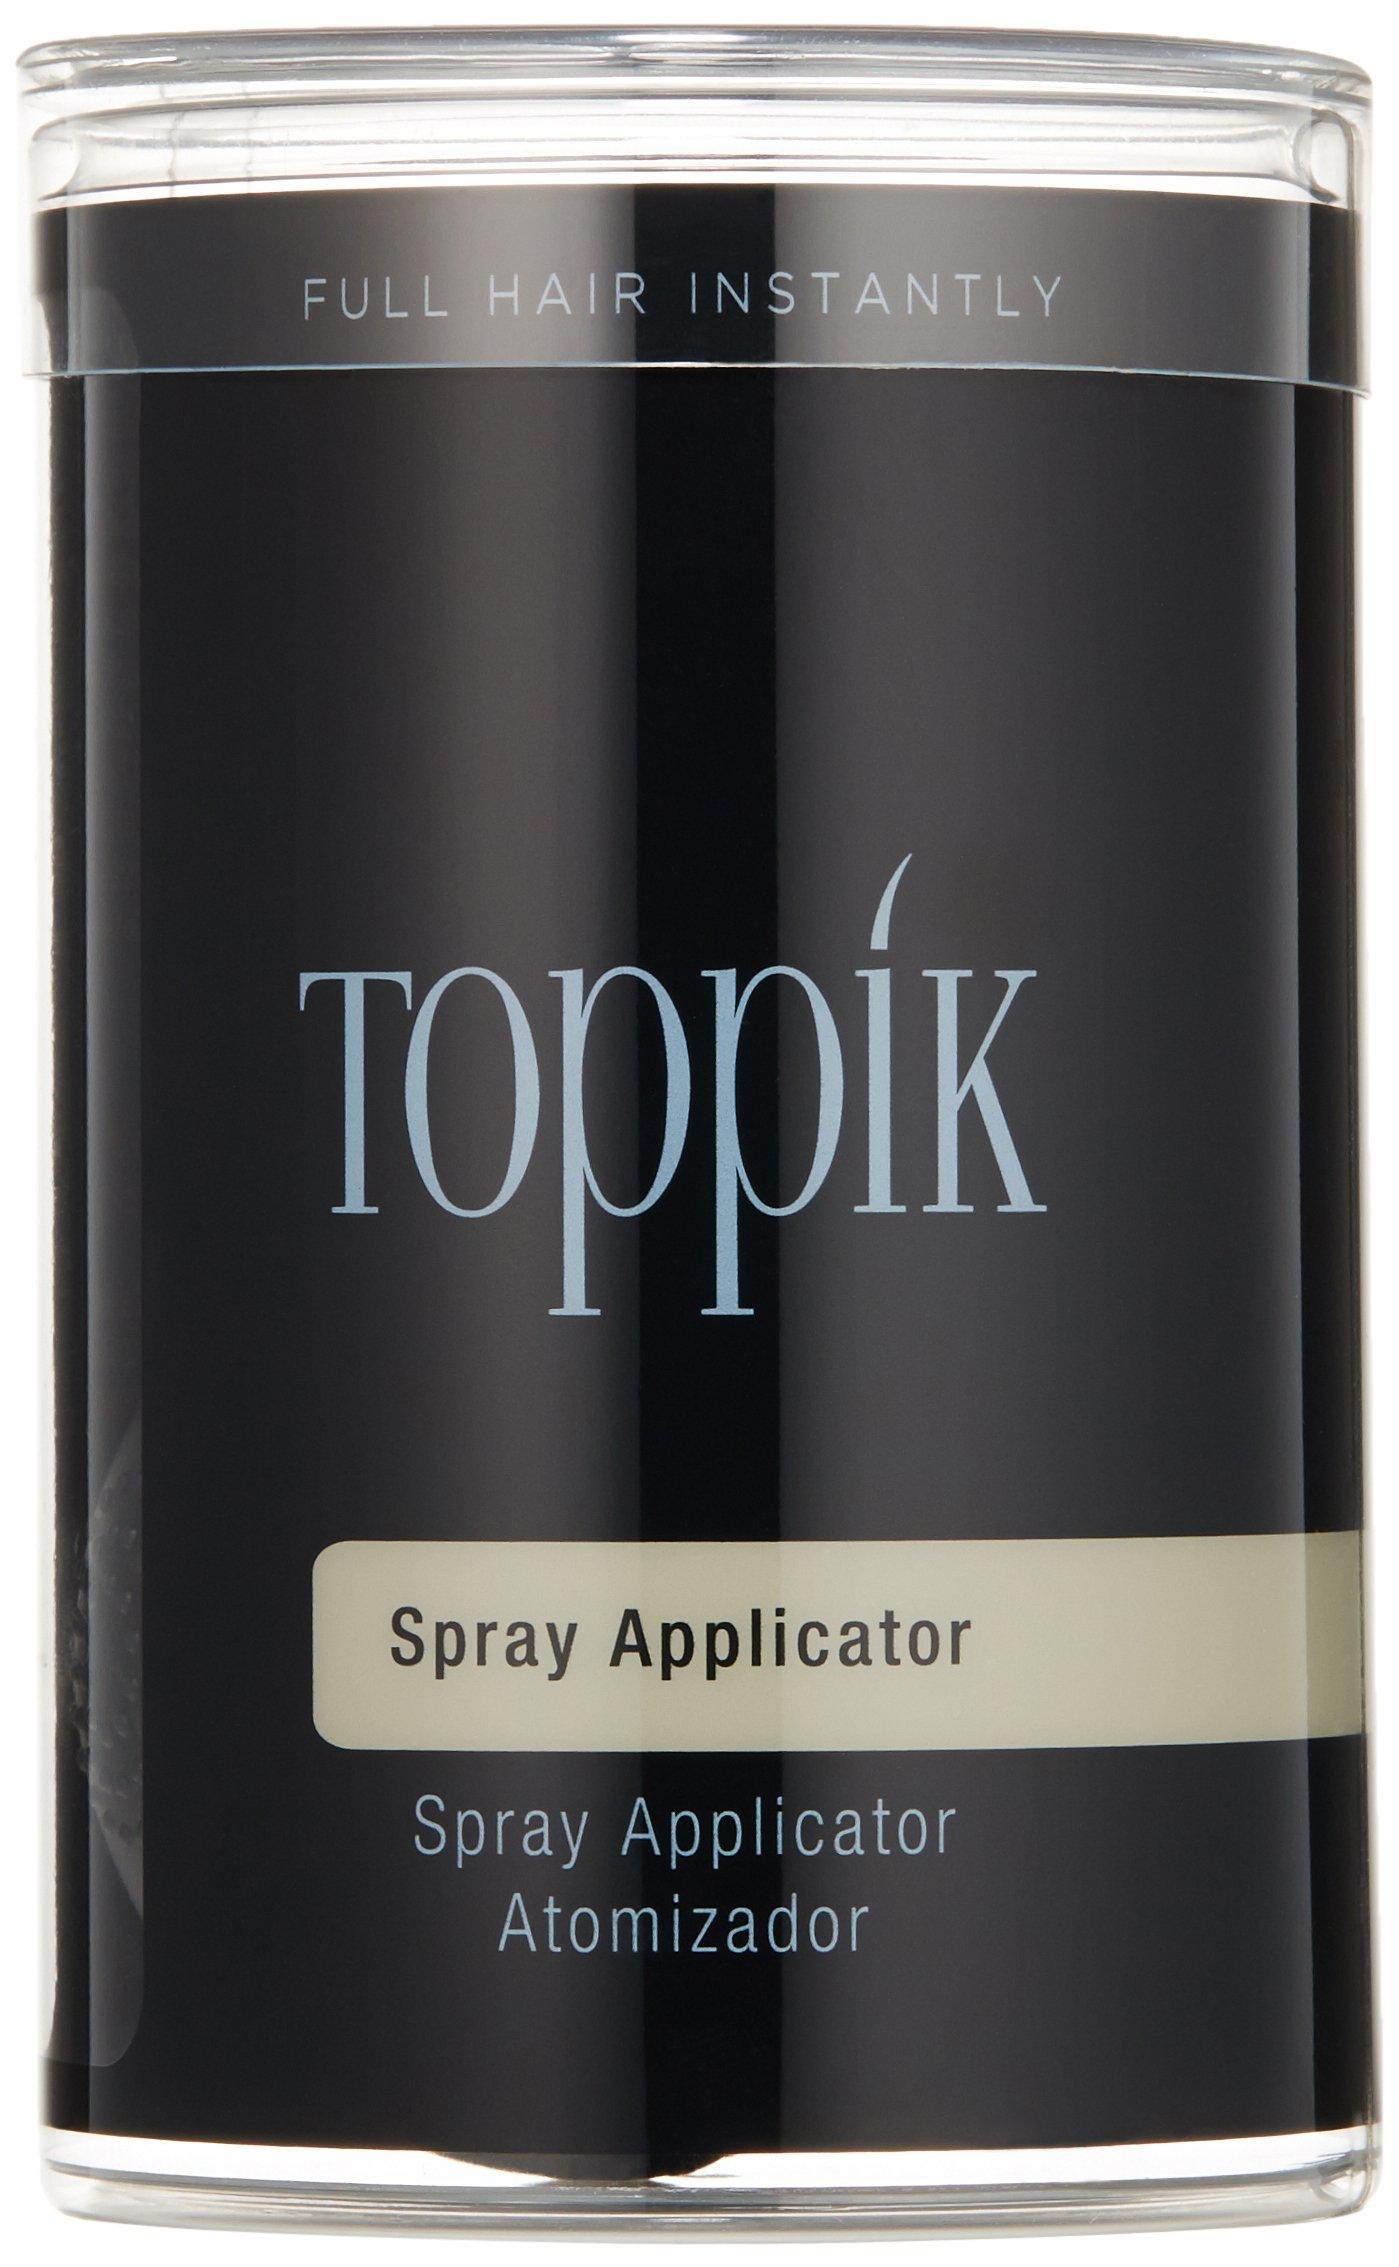 TOPPIK Spray Applicator by TOPPIK (Image #2)